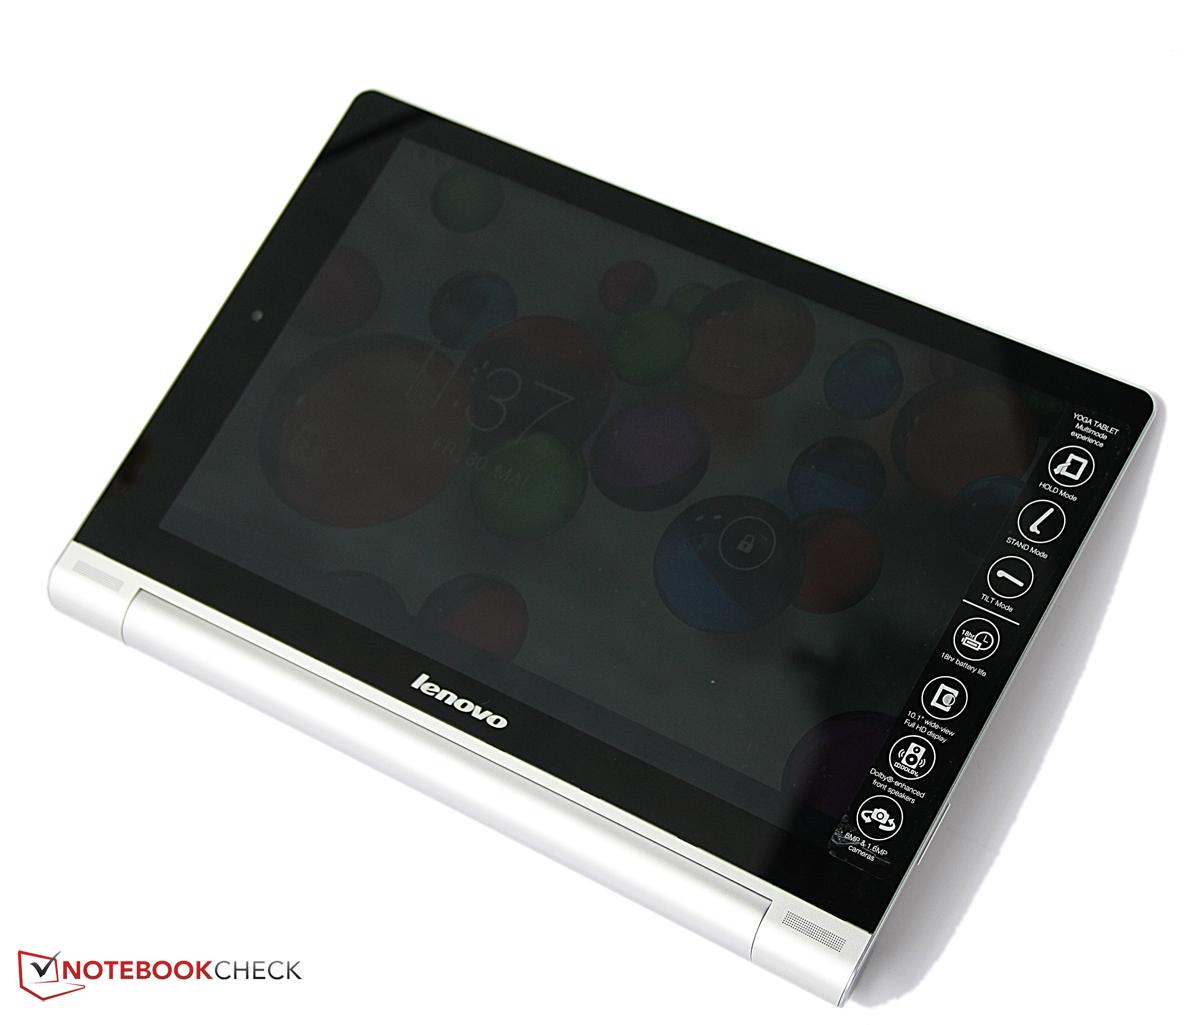 test lenovo yoga tablet 10 hd tablet. Black Bedroom Furniture Sets. Home Design Ideas